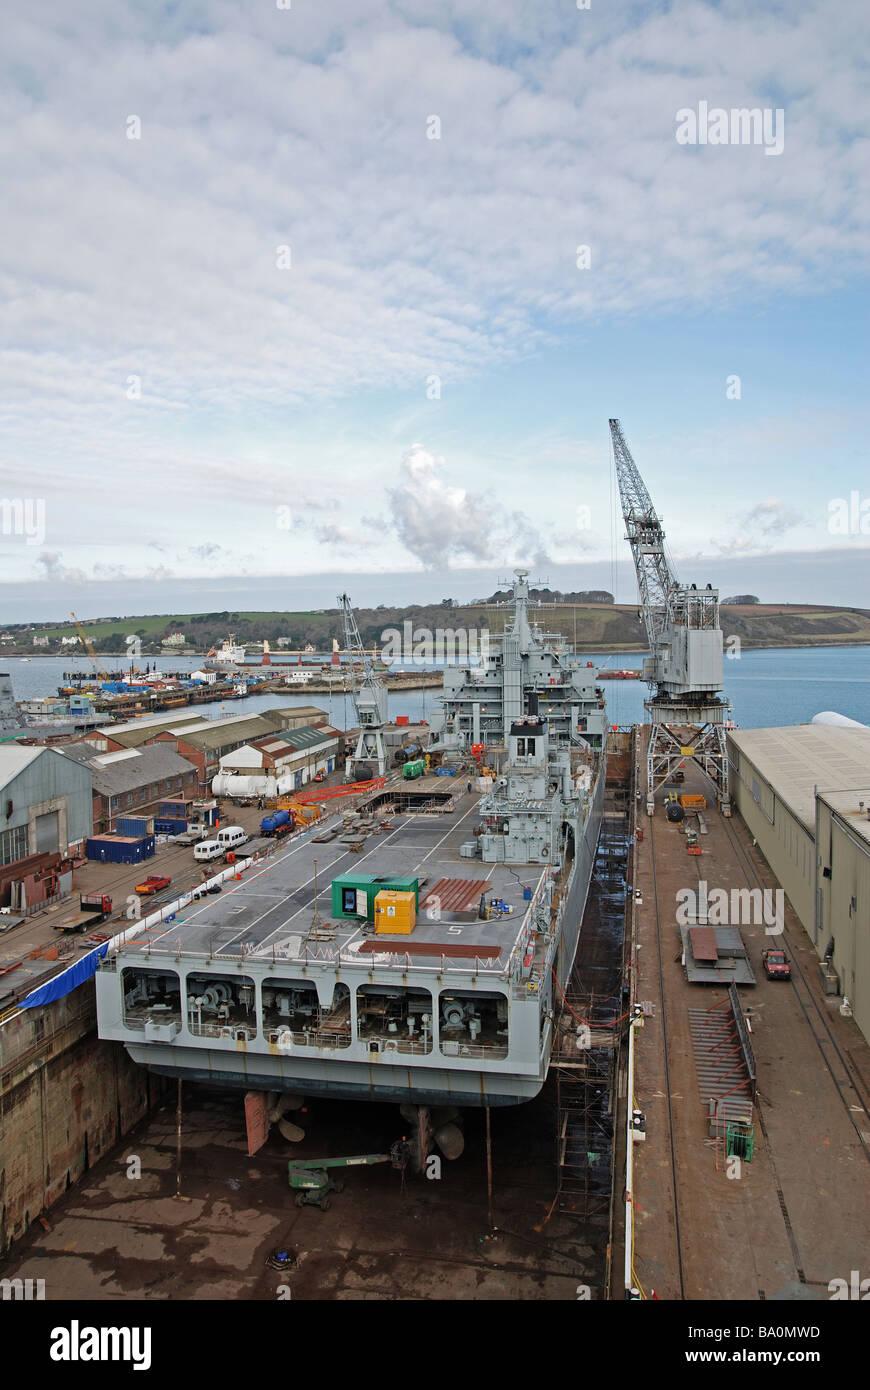 a ship in dry dock at a&p shipyard,falmouth,cornwall,uk Stock Photo